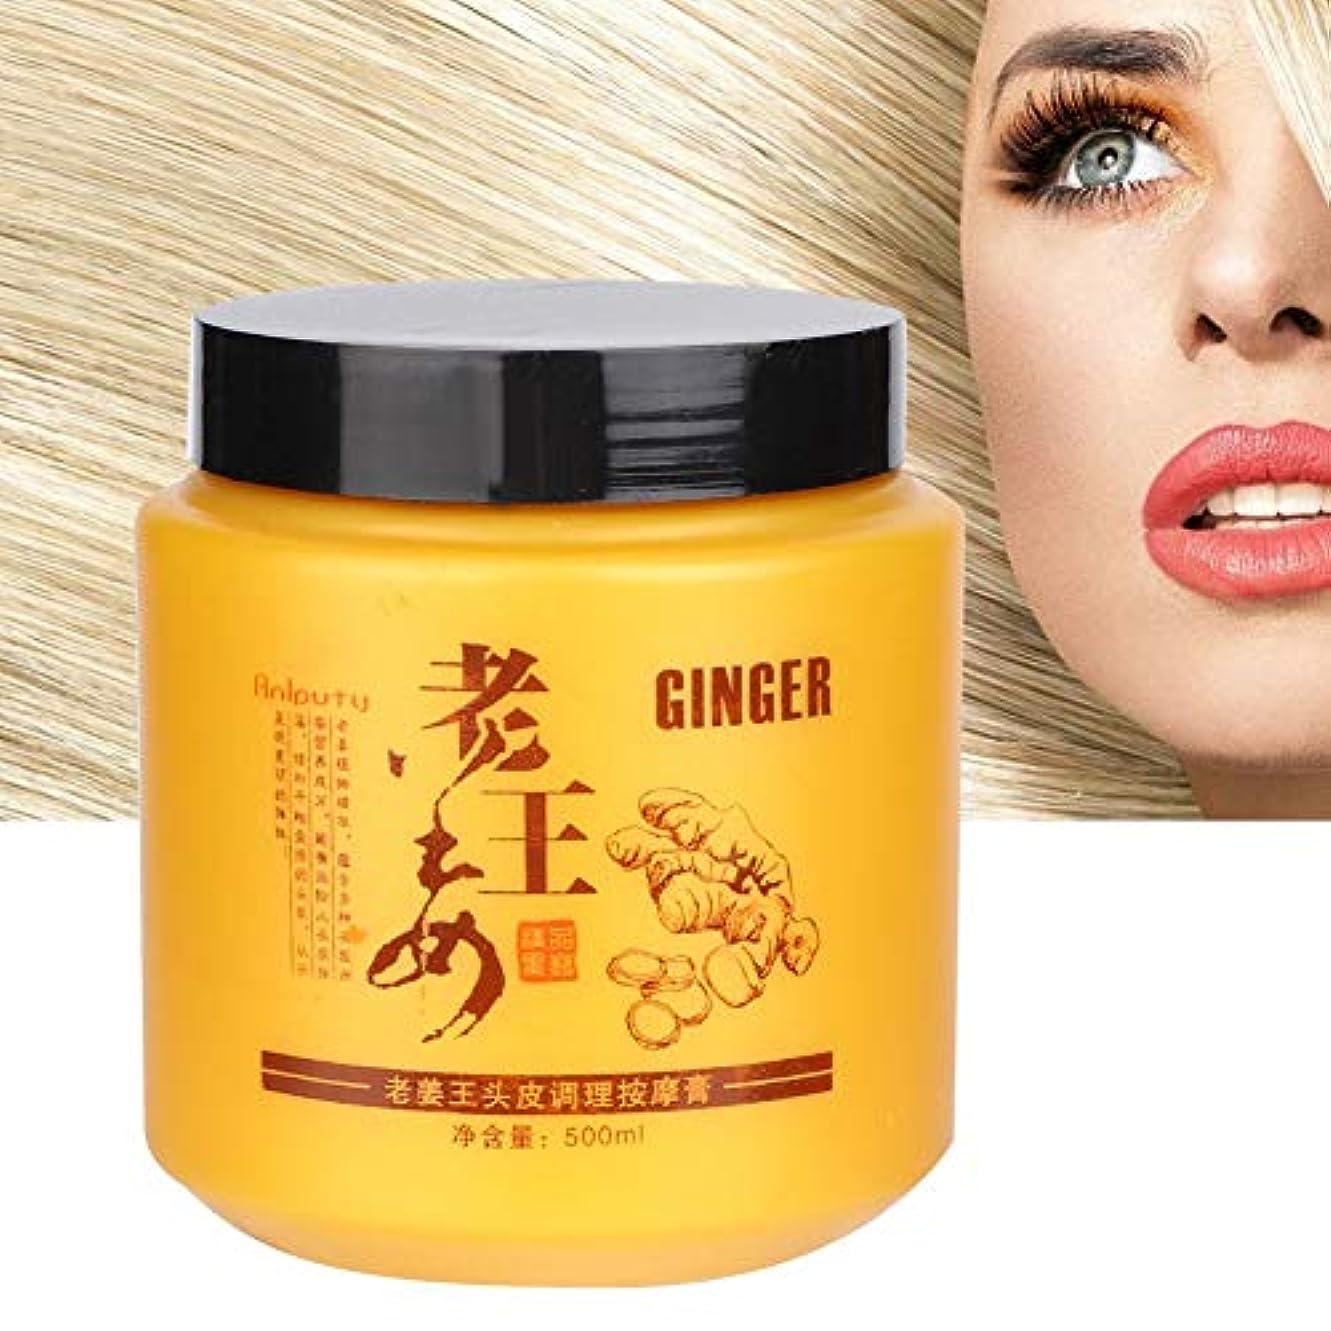 ご意見重なる粗いヘアマスク、保湿強化粘り強く修復ダメージを受けたヘアマスク用女性頭皮コンディショニングマッサージクリーム500ミリリットル